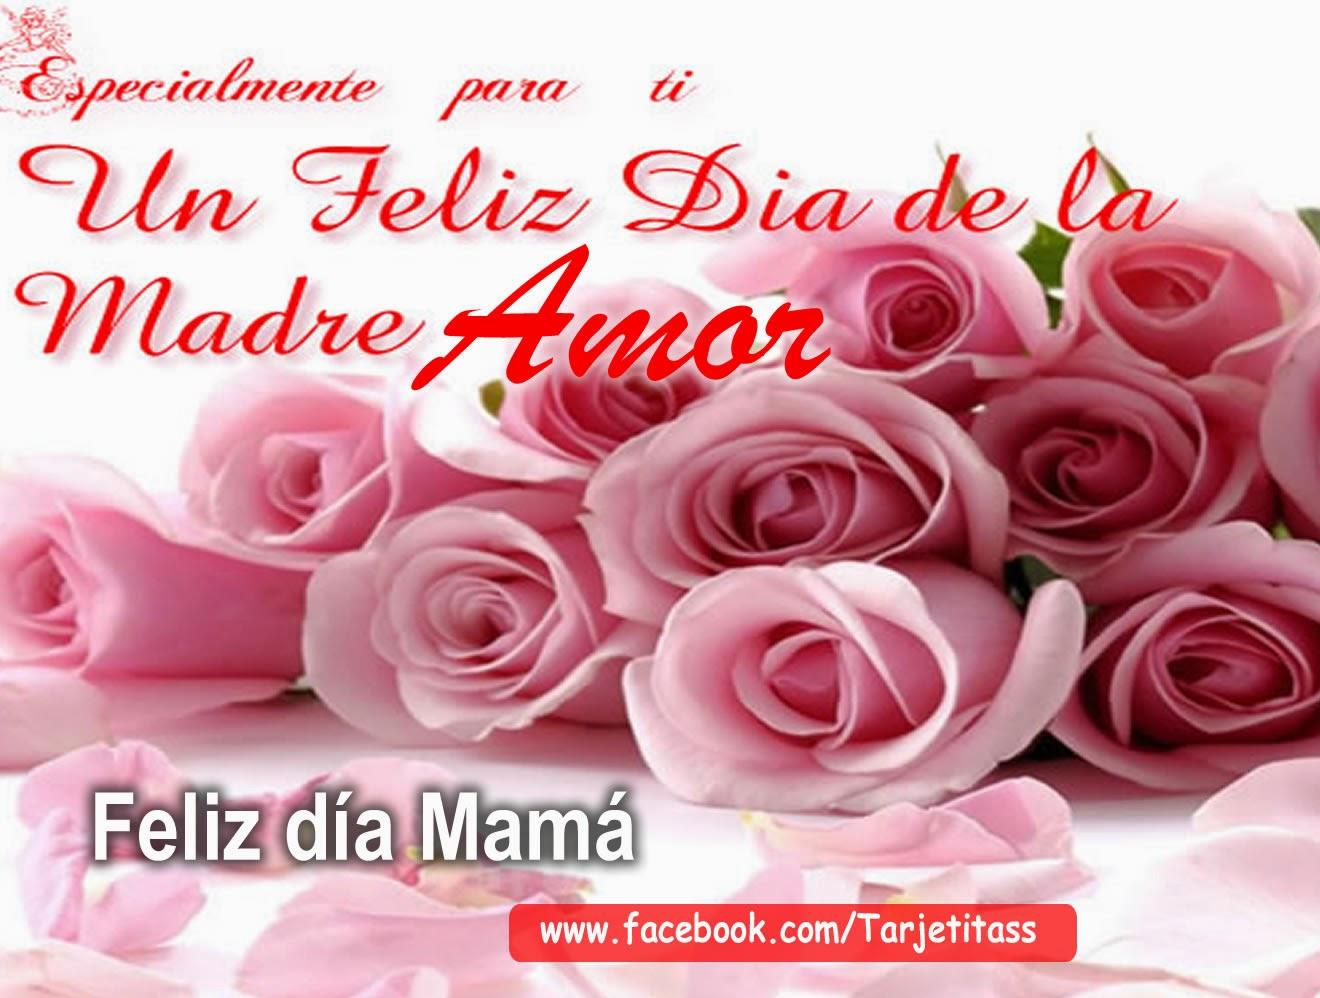 Feliz día de las madres - feliz dia mama 5